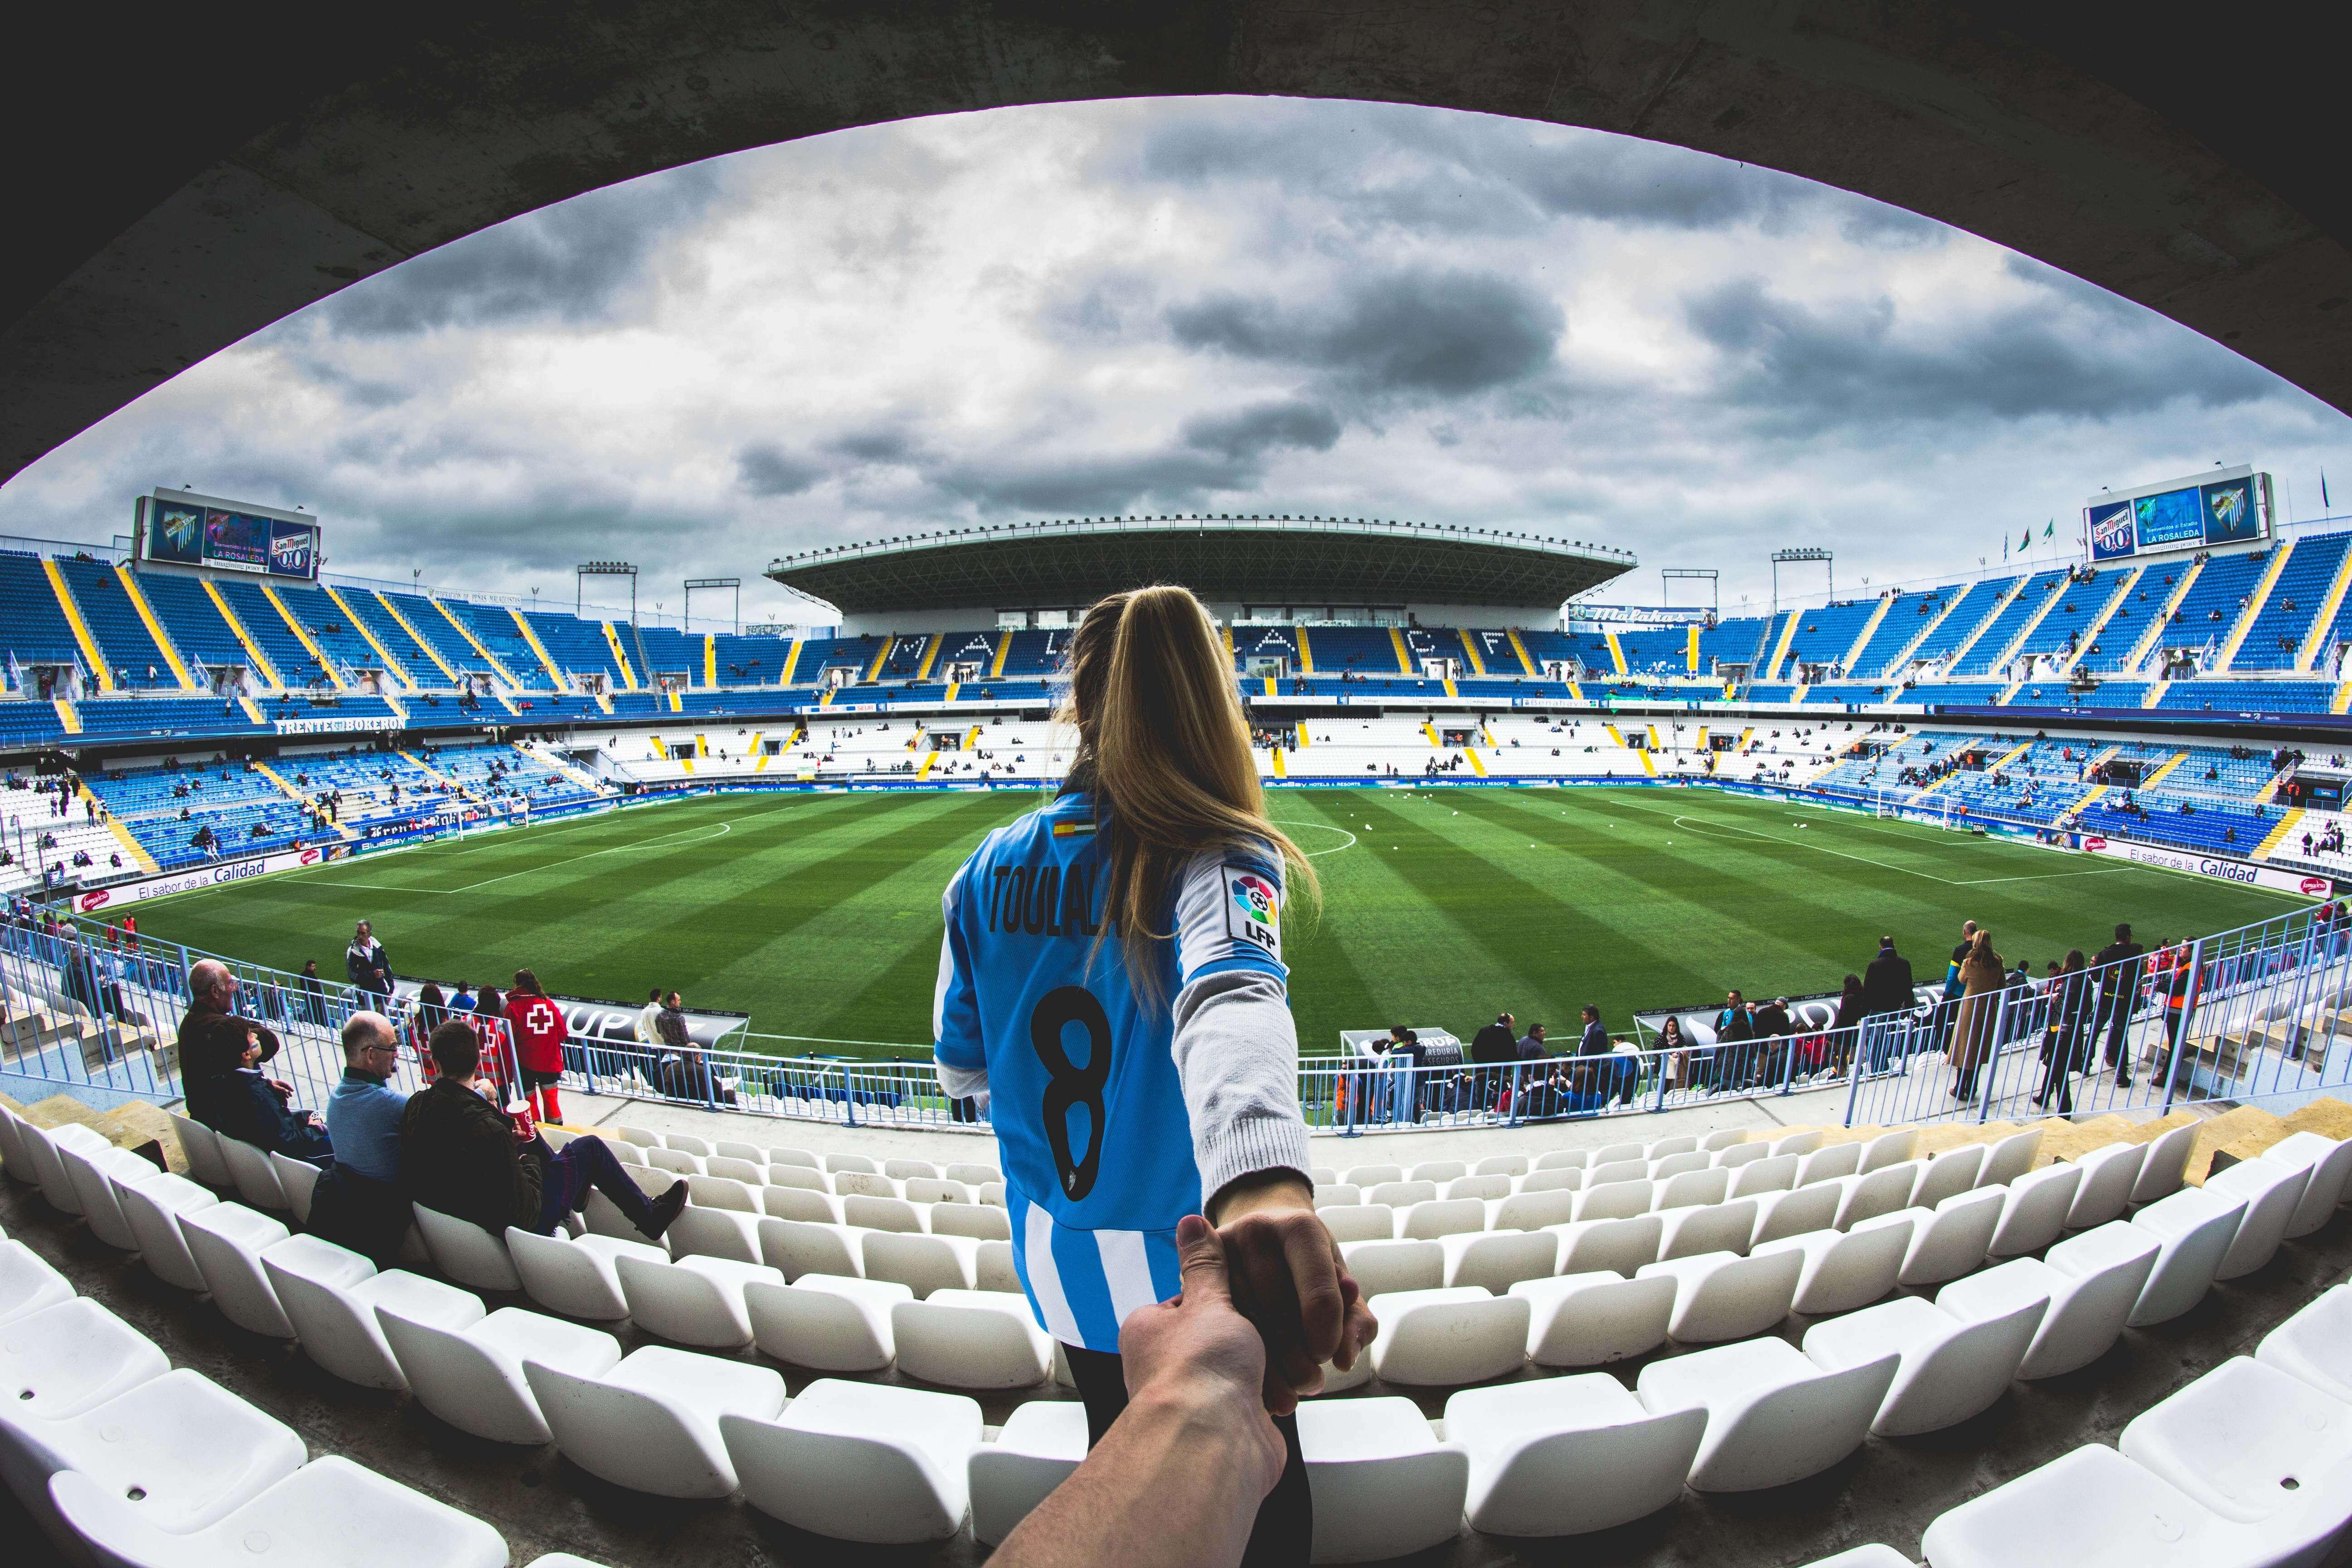 スタジアムにサッカー観戦に来たカップル